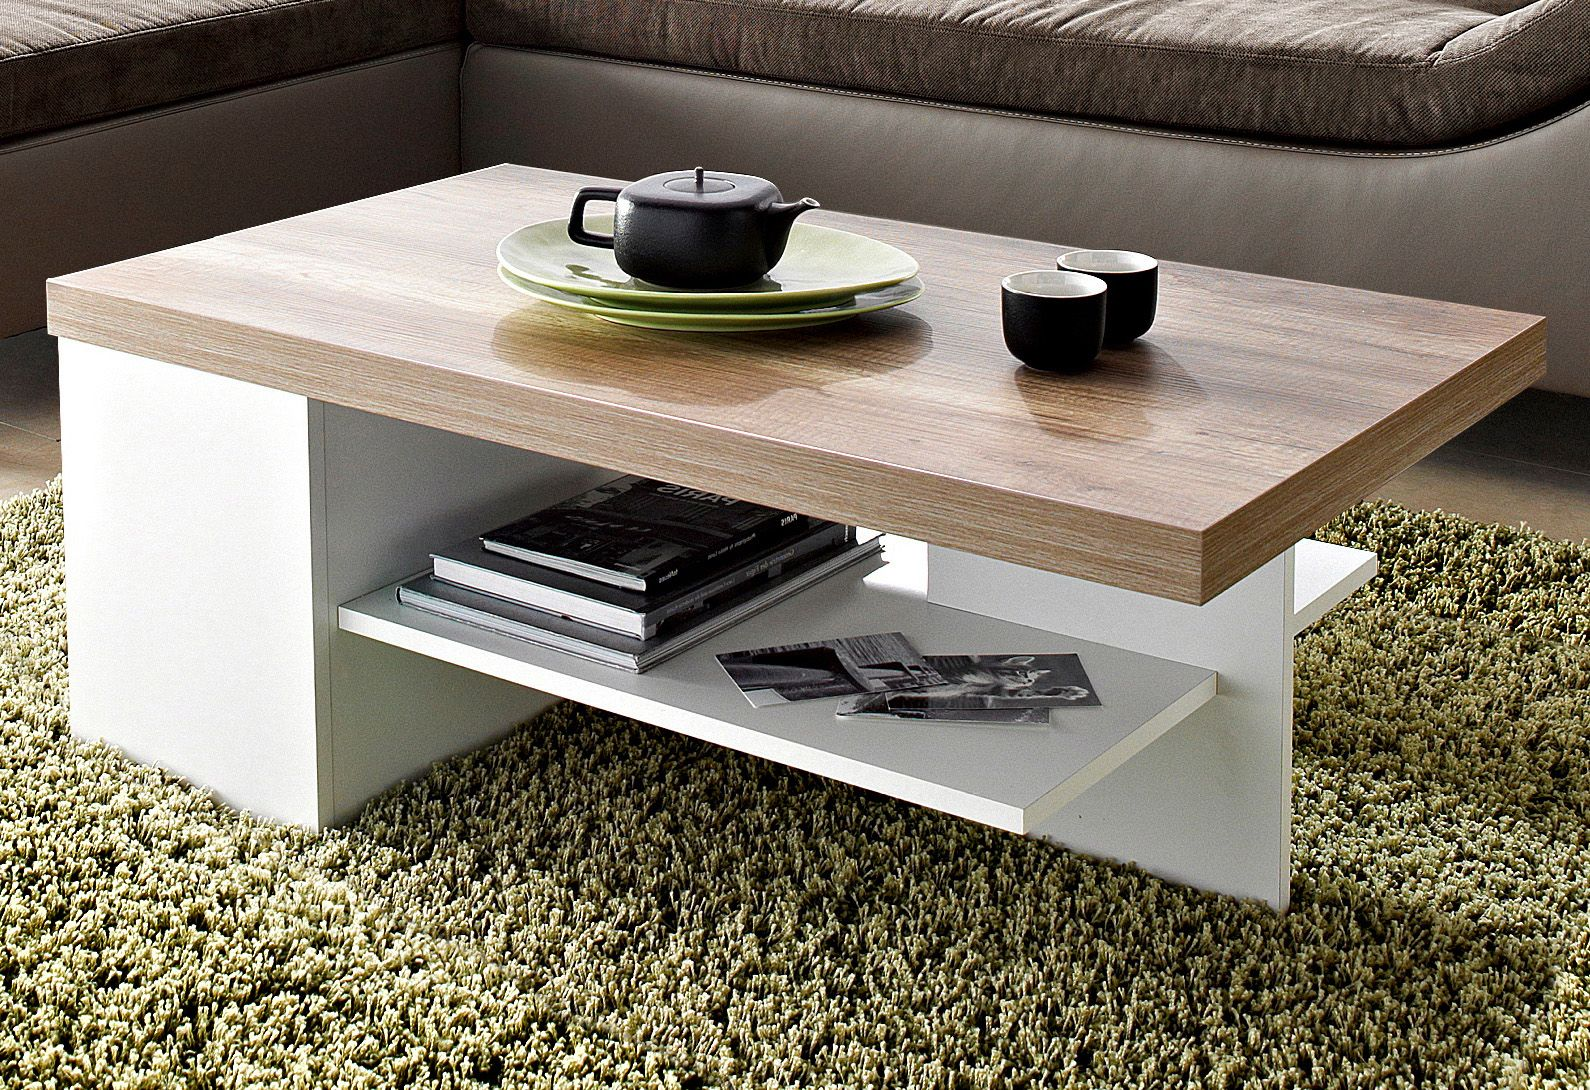 couchtisch schmal g nstig online kaufen beim schwab versand. Black Bedroom Furniture Sets. Home Design Ideas